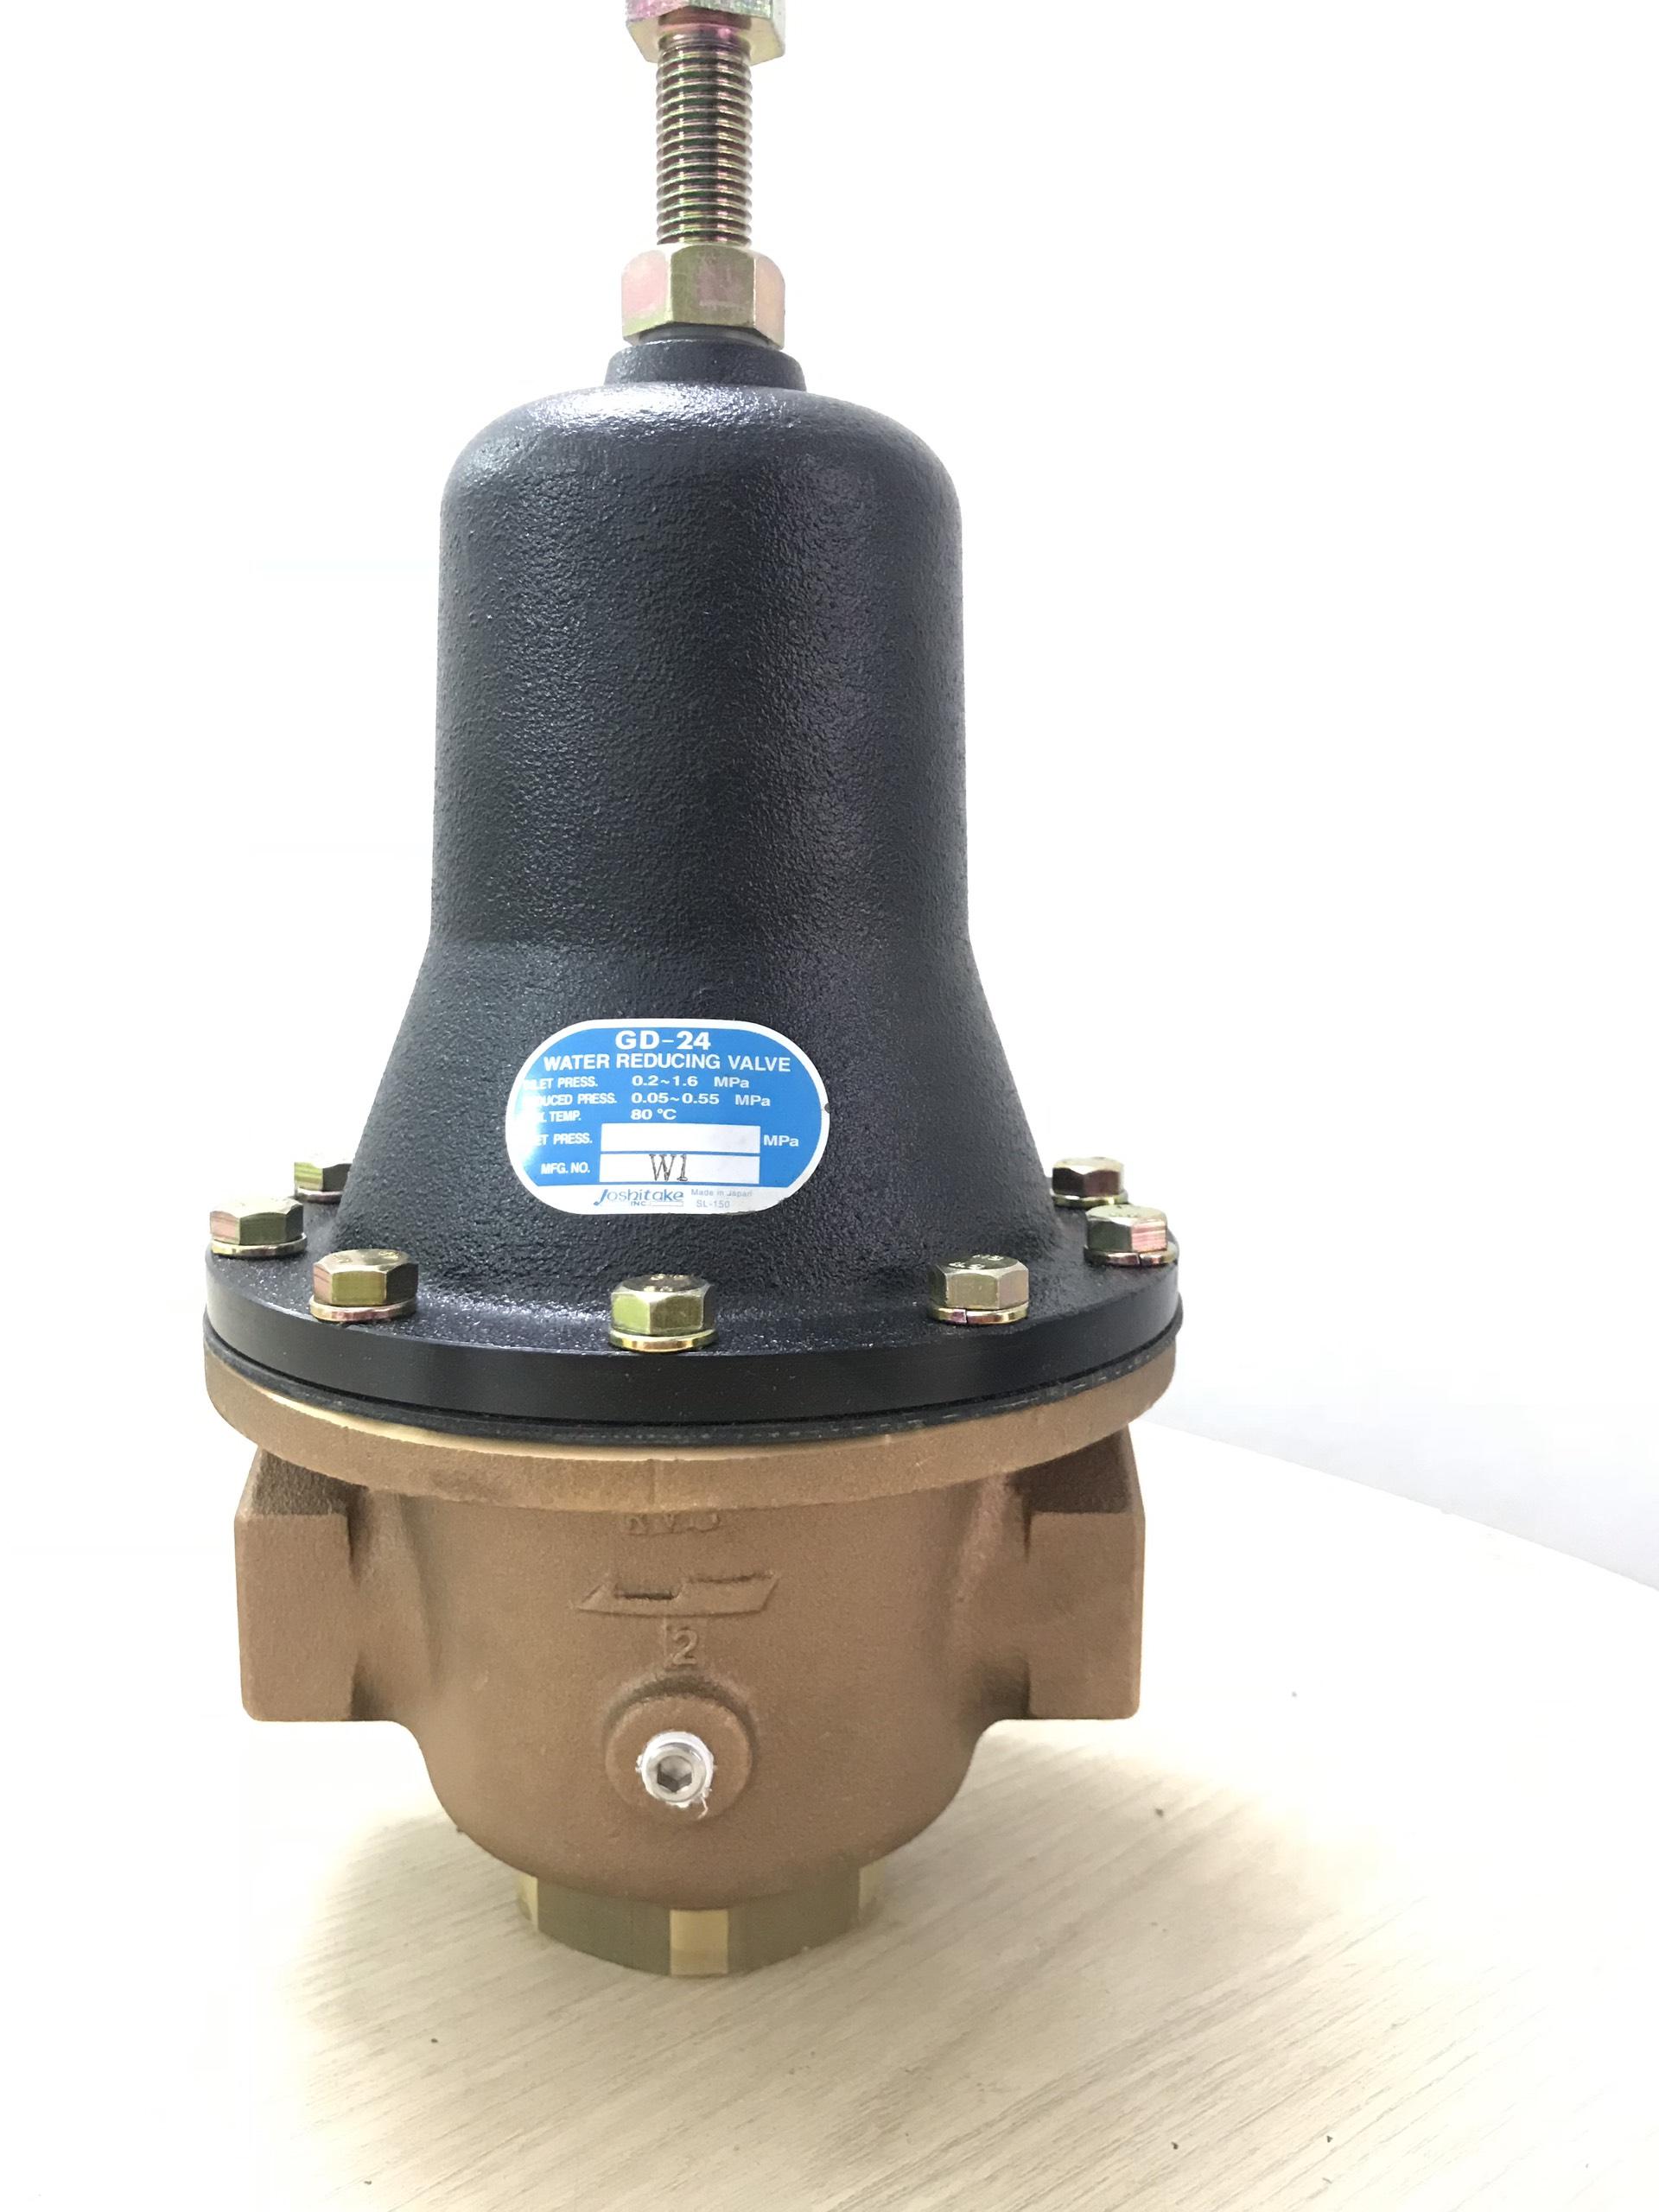 Van điều áp – giảm áp nước nóng GD-24 Yoshitake0